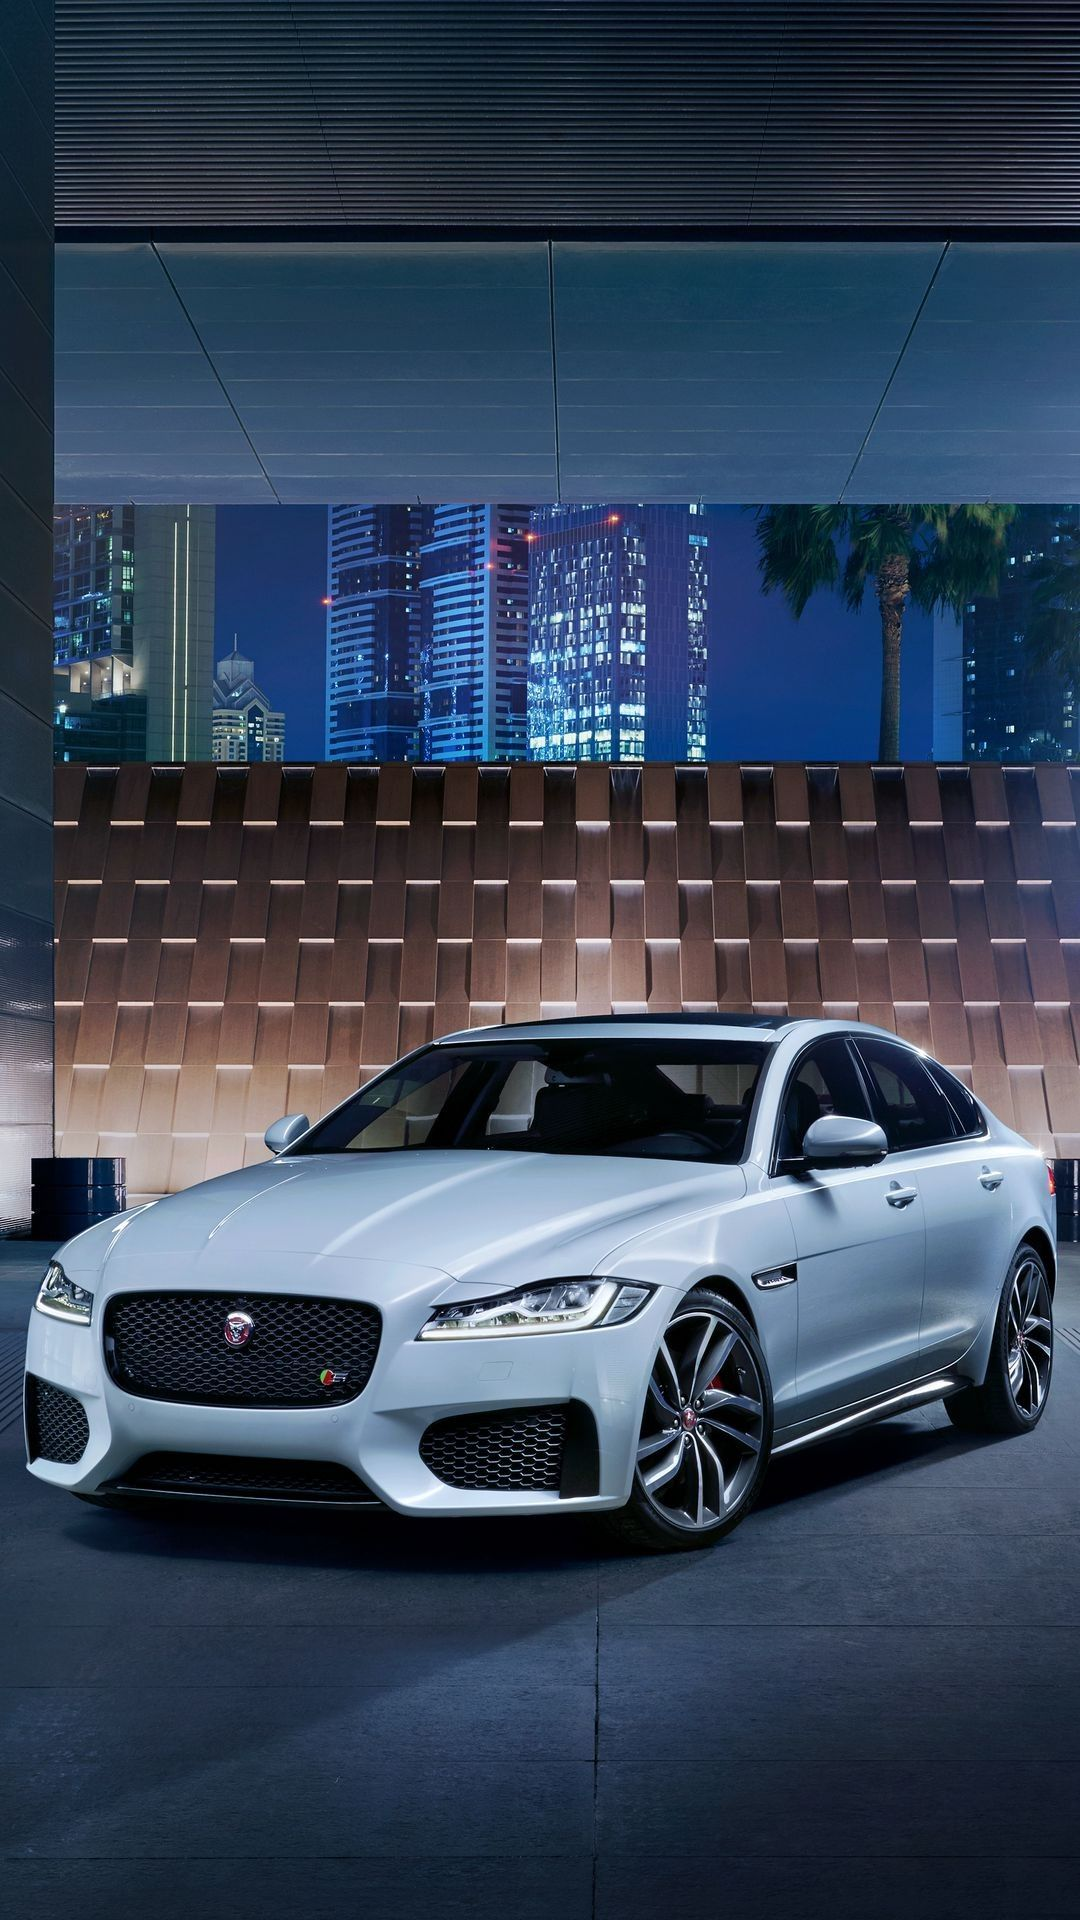 Cars Mobile Full Hd Wallpapers 1080x1920 In 2021 Jaguar Car Jaguar Car Wallpapers Jaguar